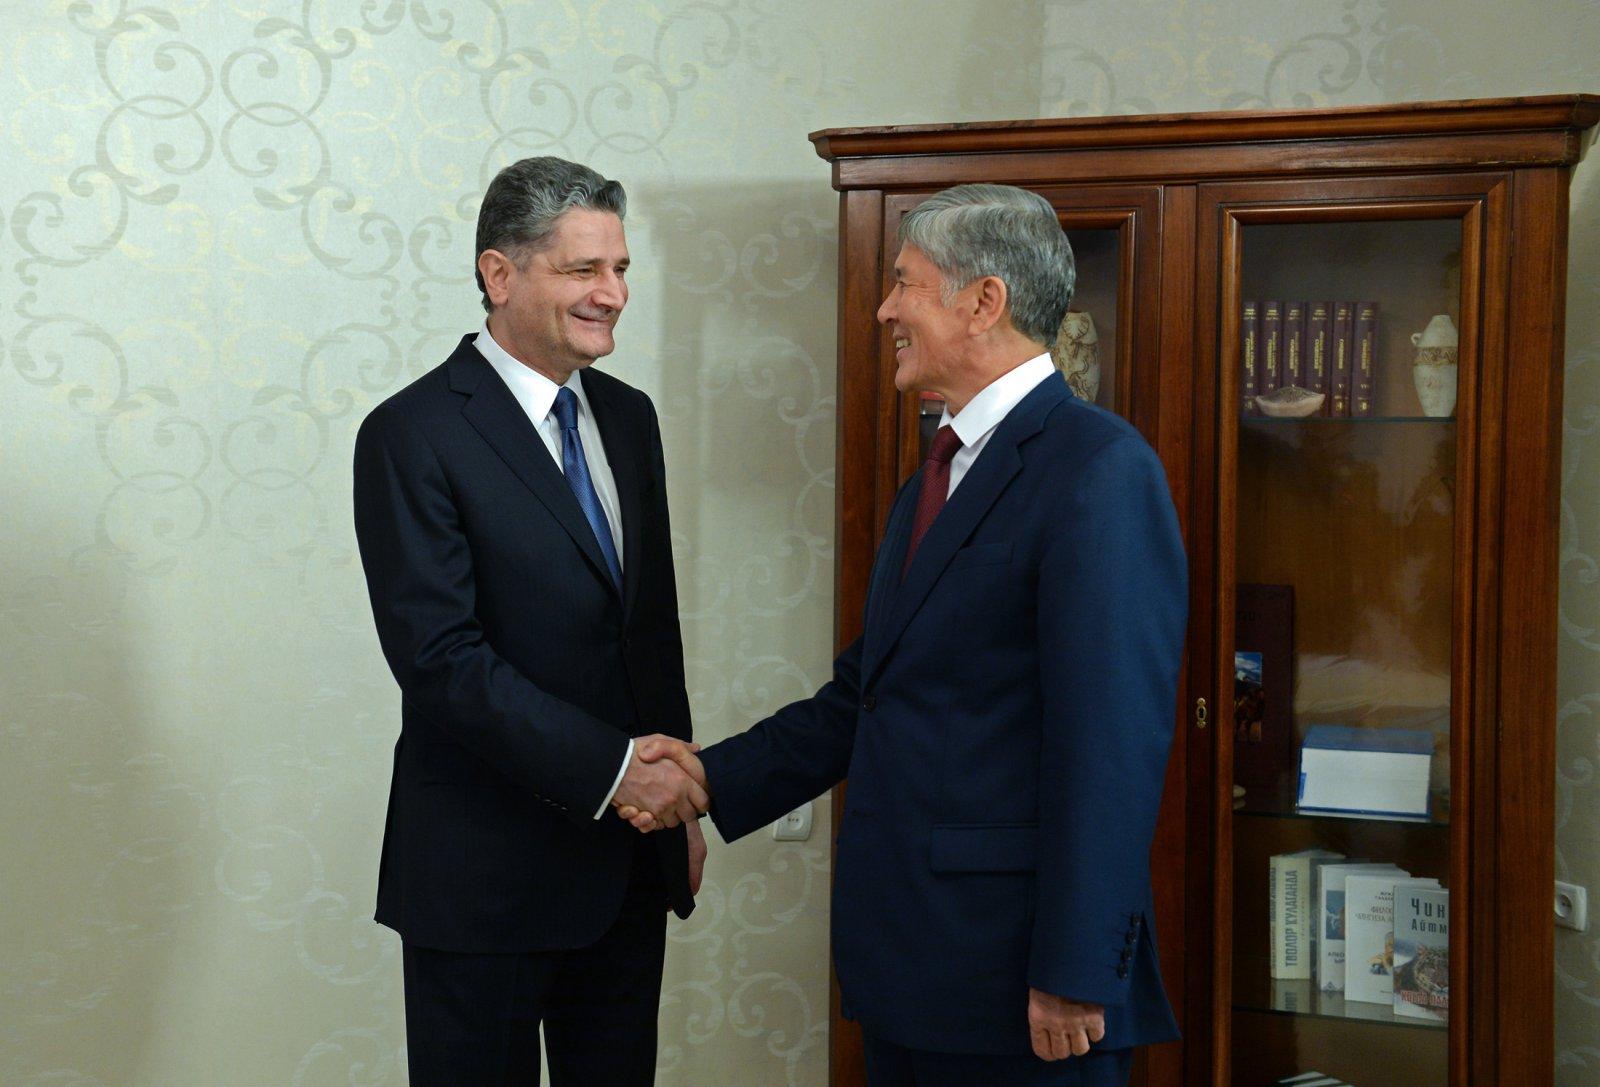 Տիգրան Սարգսյանը Ղրղզստանի նախագահի հետ քննարկել է ԵԱՏՄ առաջնահերթությունները